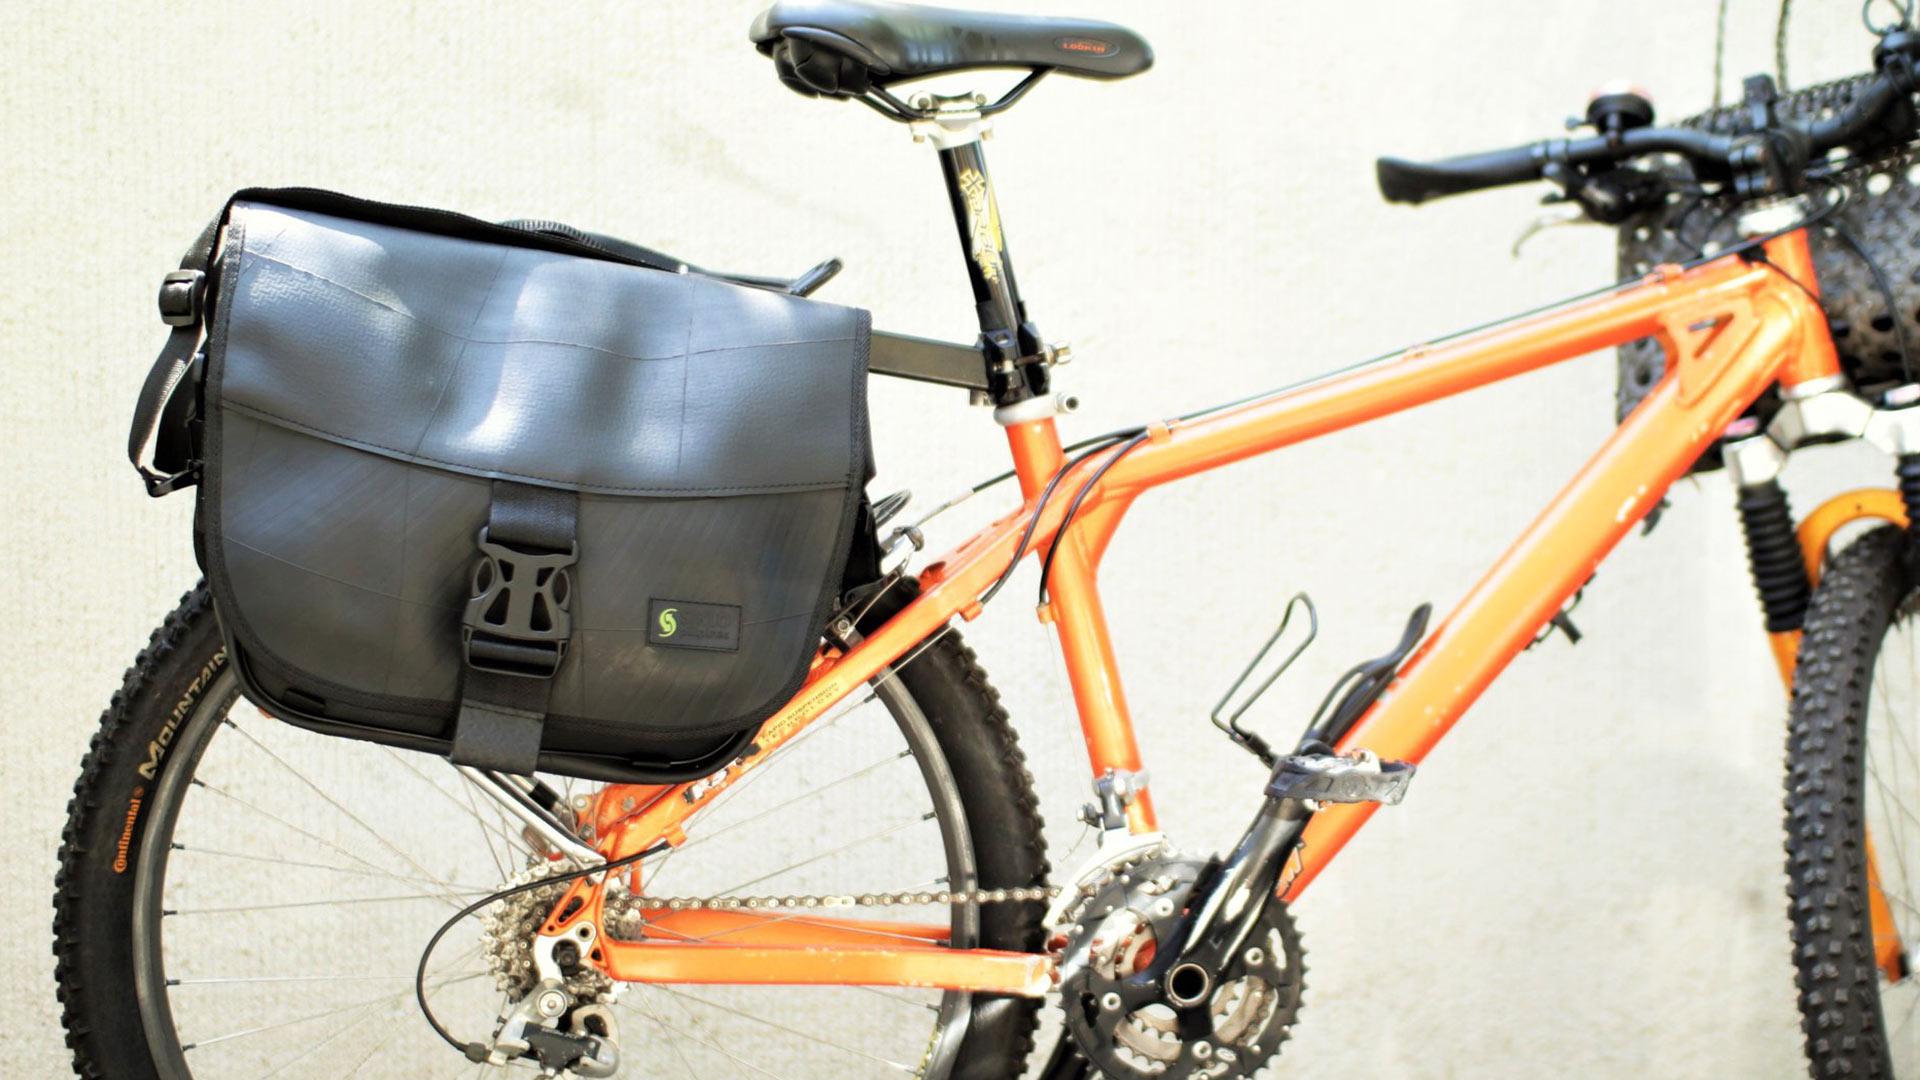 The Siklo Pilipinas Messenger Bag